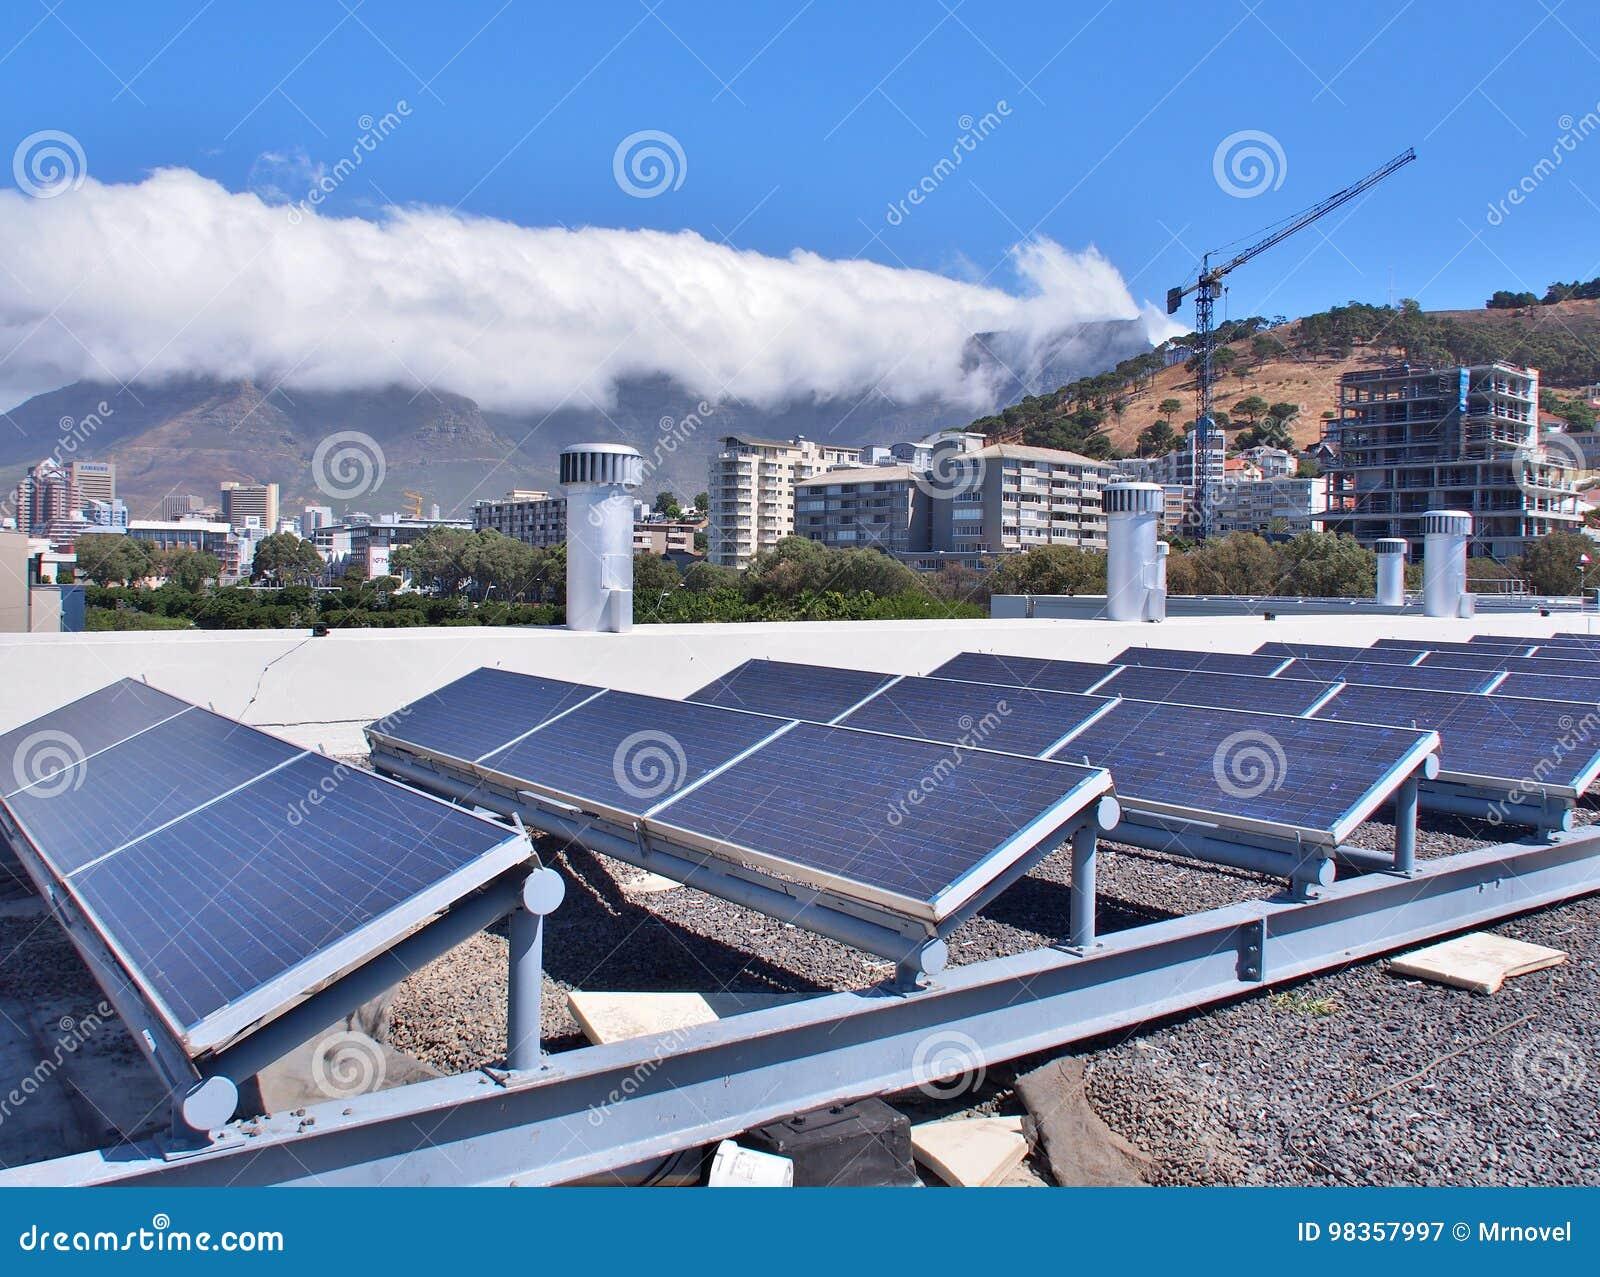 Ηλιακά πλαίσια ή ηλιακά κύτταρα στη στέγη